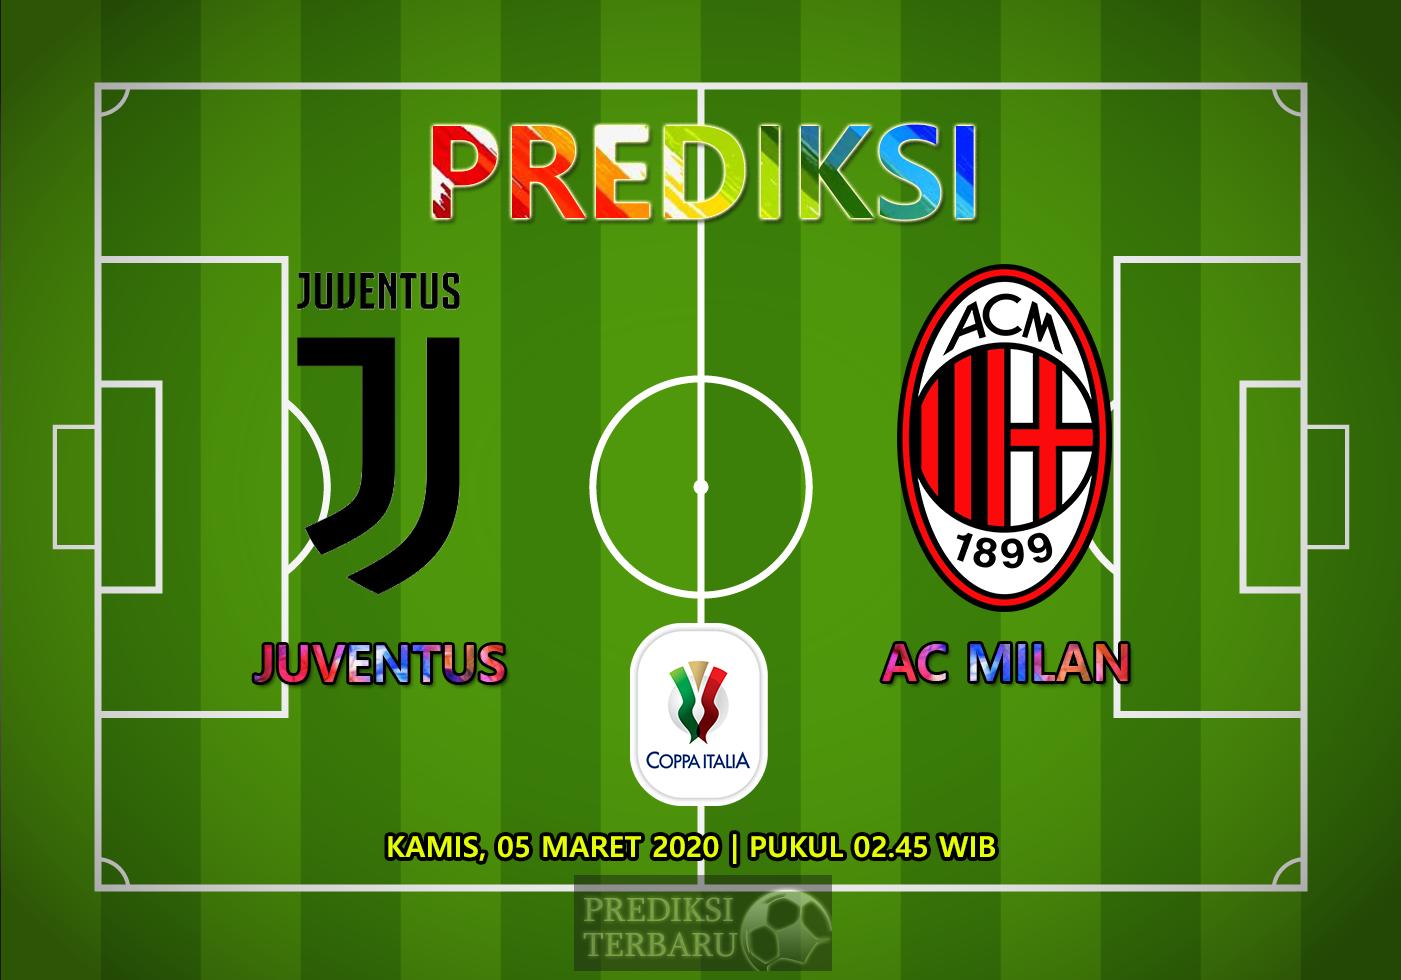 Prediksi Juventus Vs Milan Kamis 05 Maret